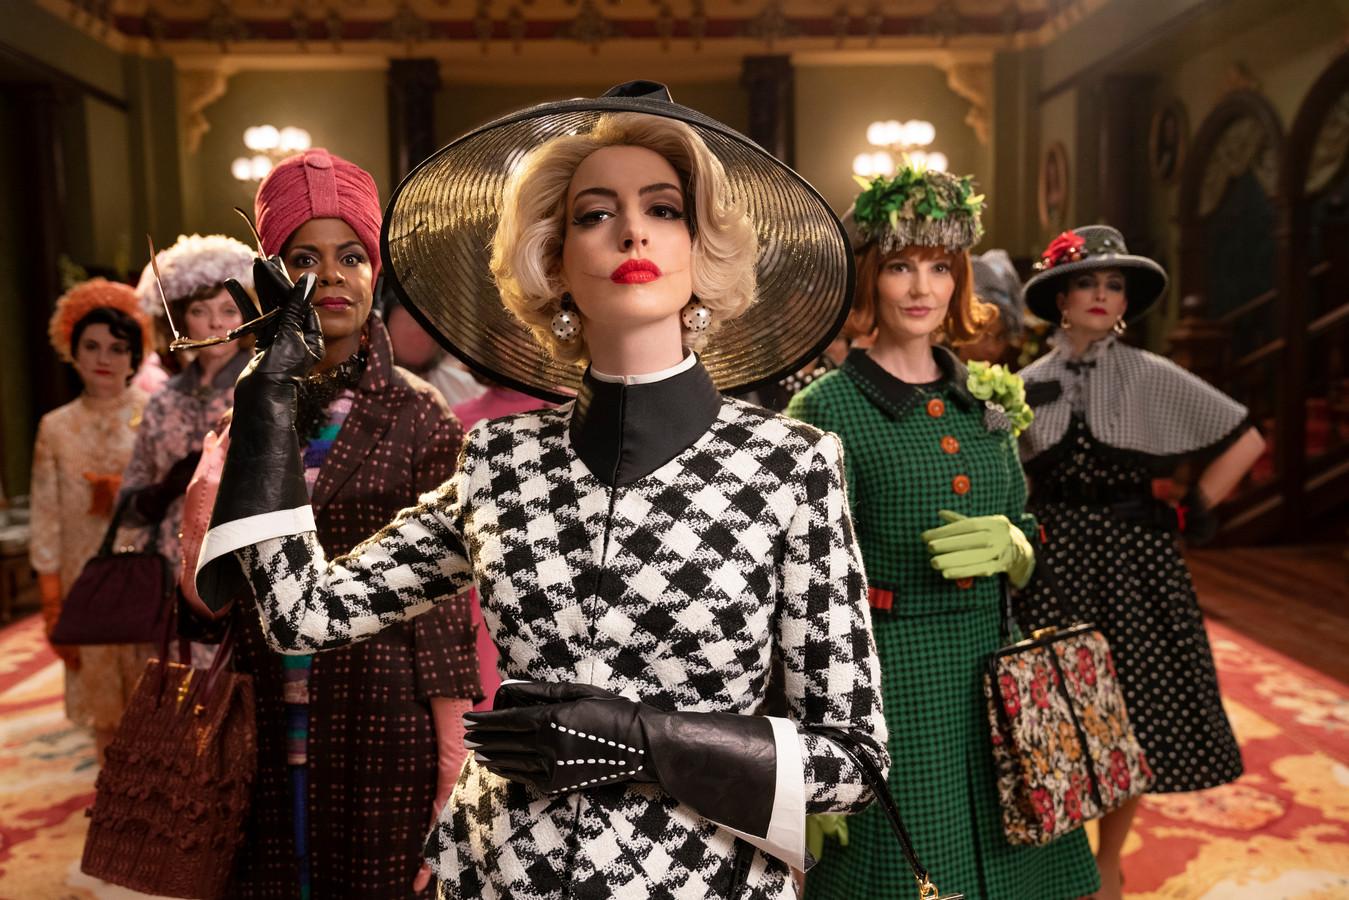 Een scène uit de film De Heksen (met Anne Hathaway, naar een boek van Roald Dahl). Nu een bron van vermaak, vroeger een reden voor verbranding.